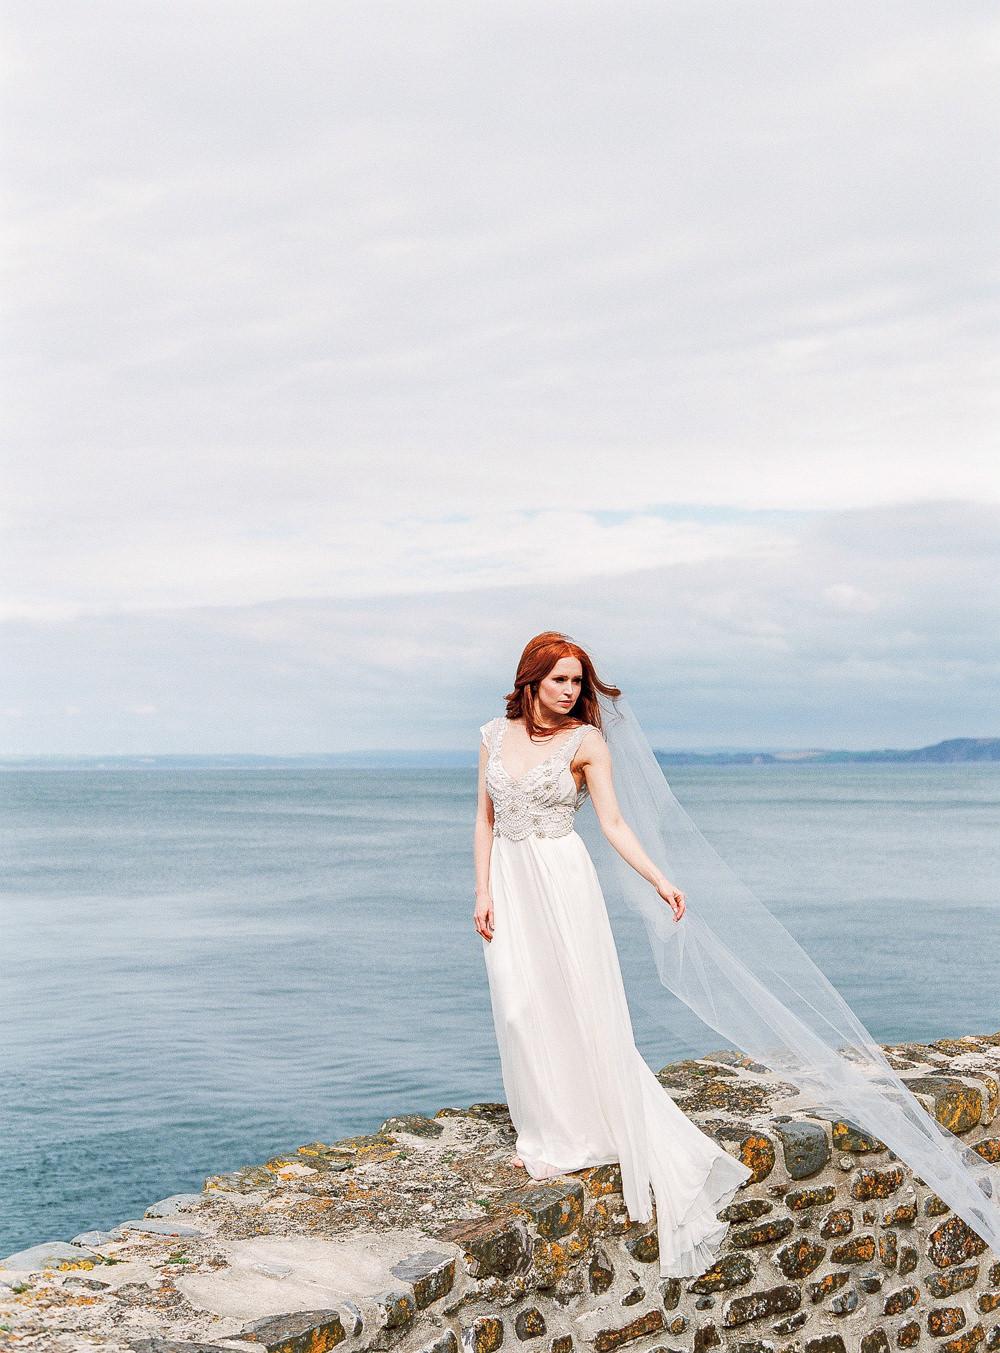 Bride standing on sea breaker, seascape